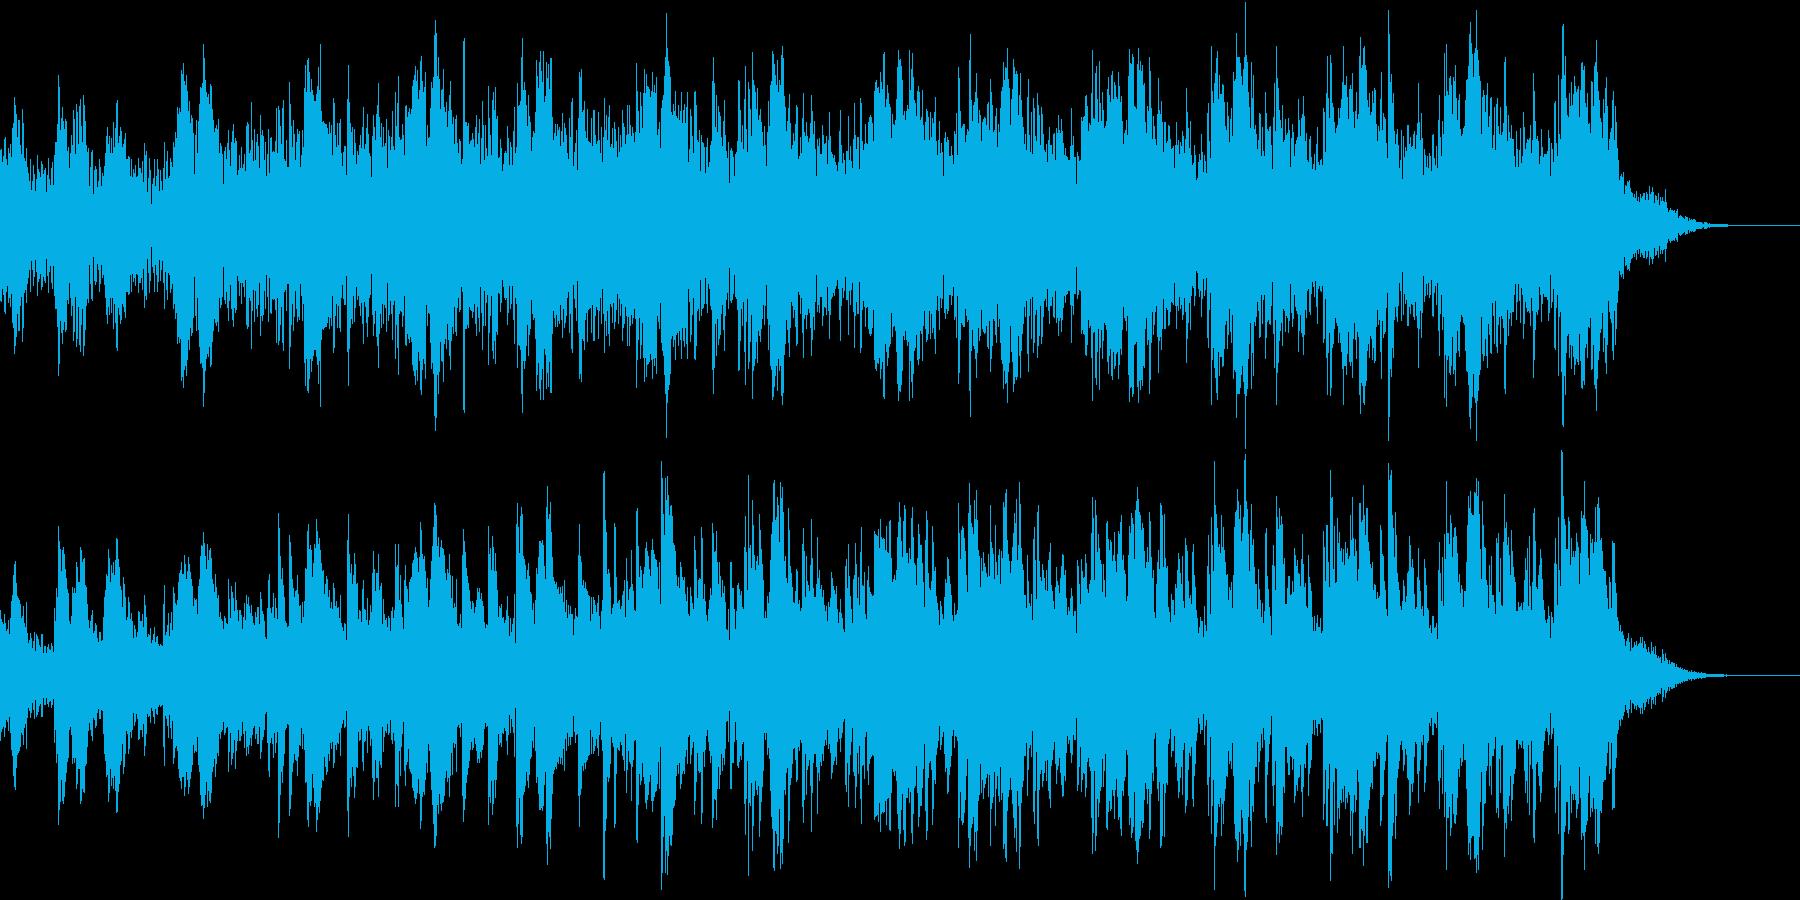 ピアノと電子の先進的な曲 happy の再生済みの波形